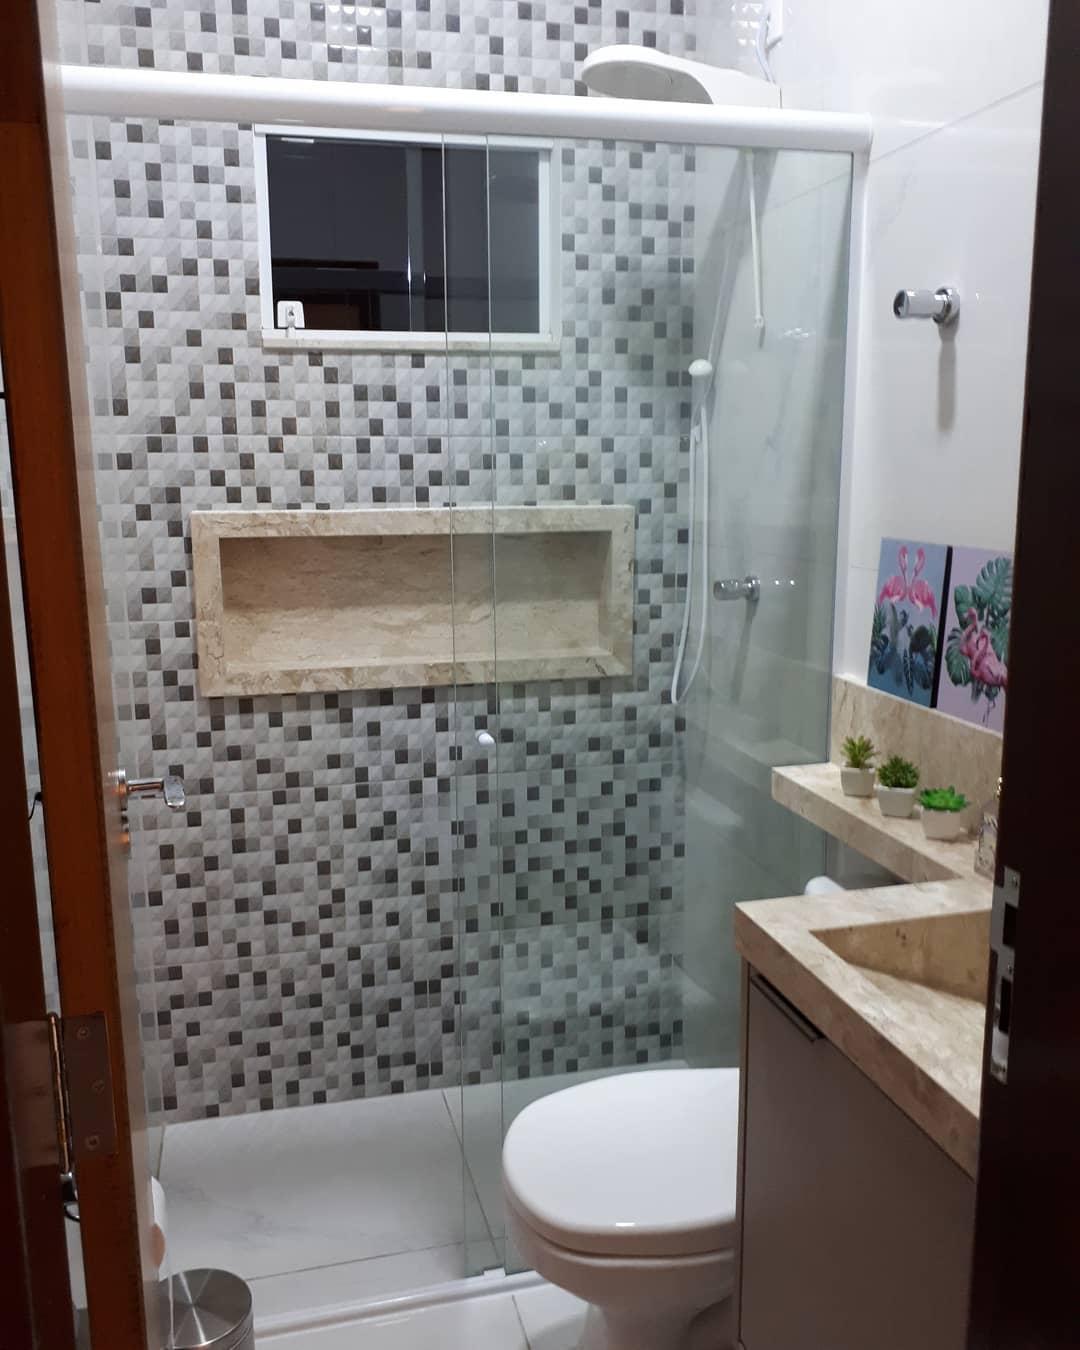 banheiro com pastilha e marmore travertino no nicho e bancada